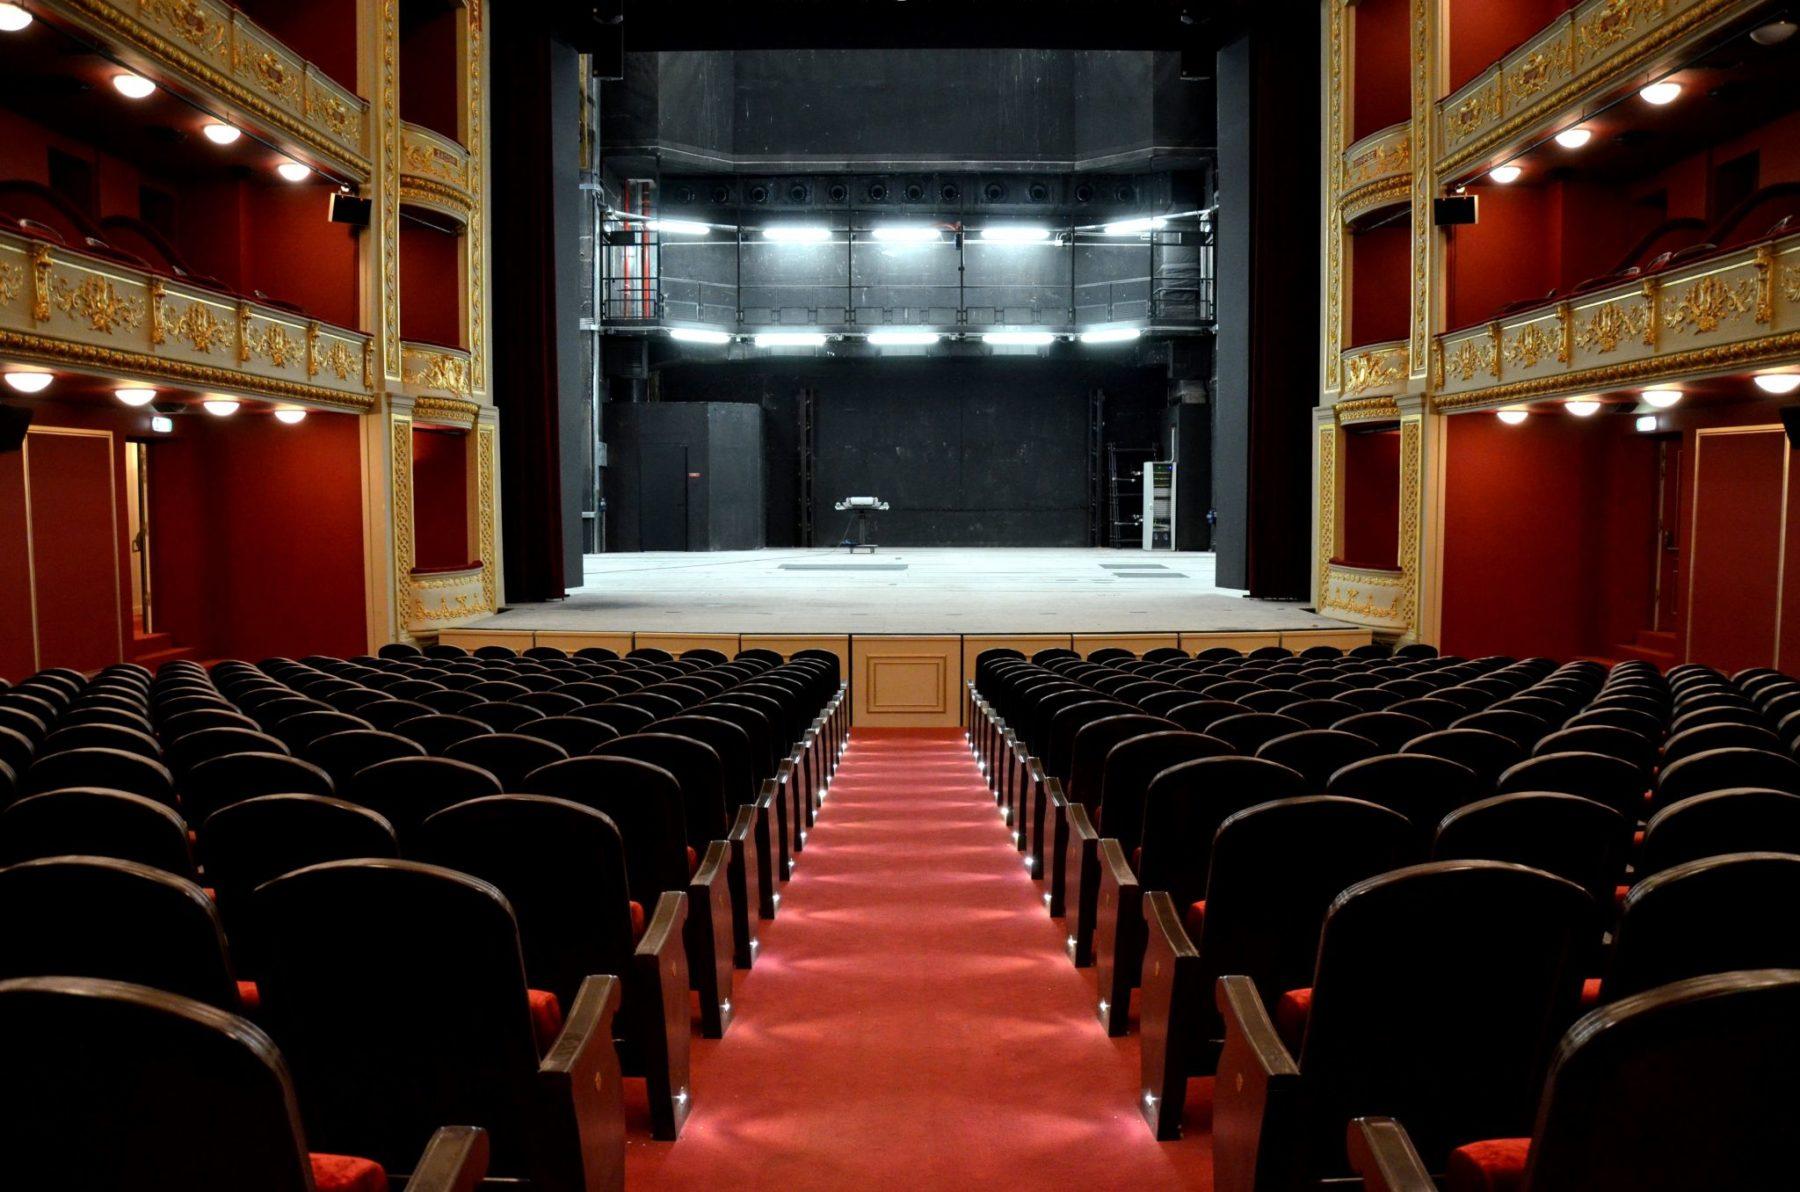 Σοκ στο ελληνικό θέατρο! Νεκρή αγαπημένη ηθοποιός